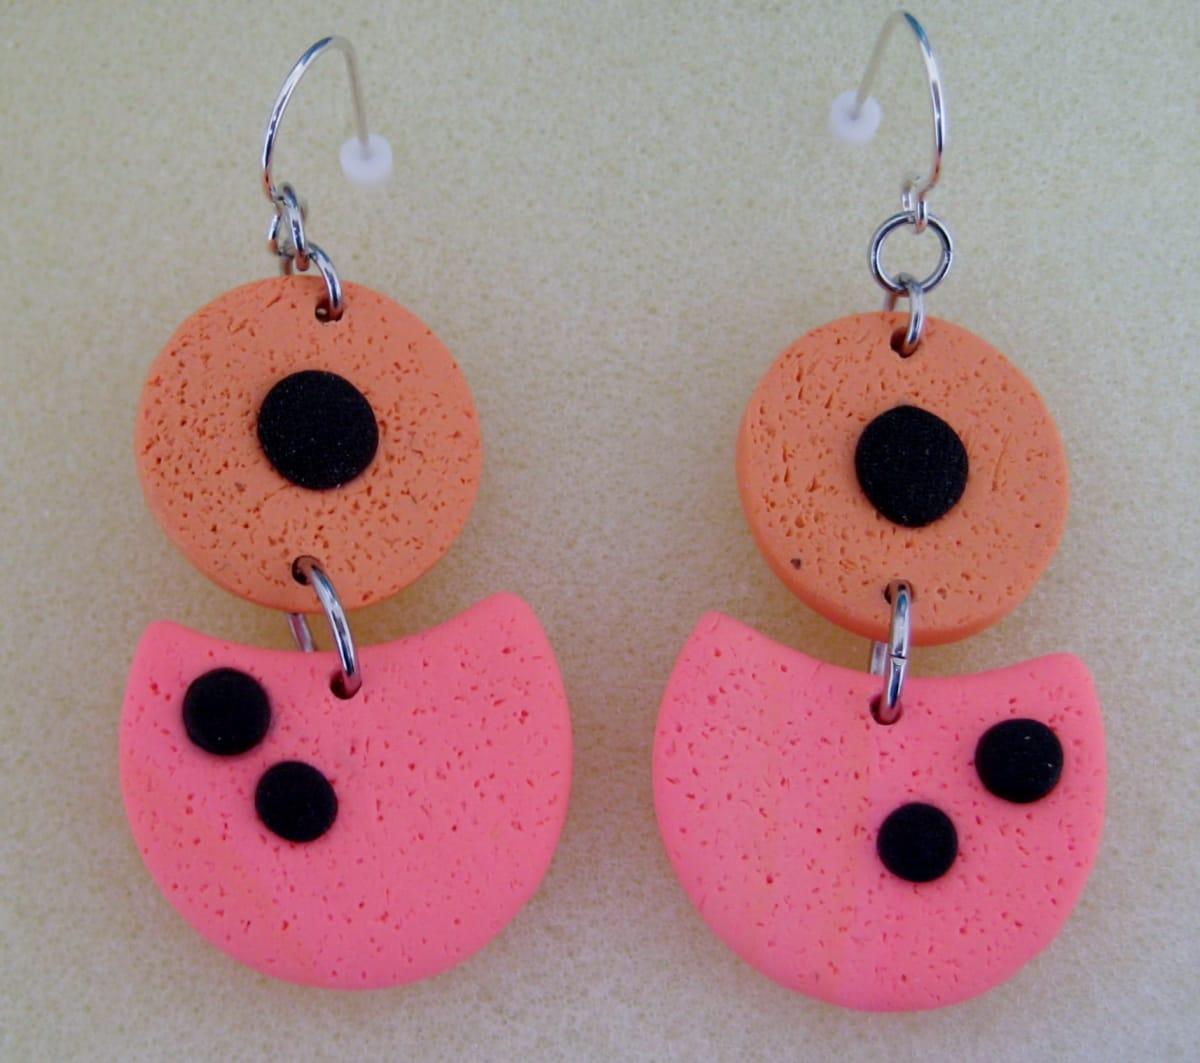 Coral/Orange Earrings by Charmaine Harbort